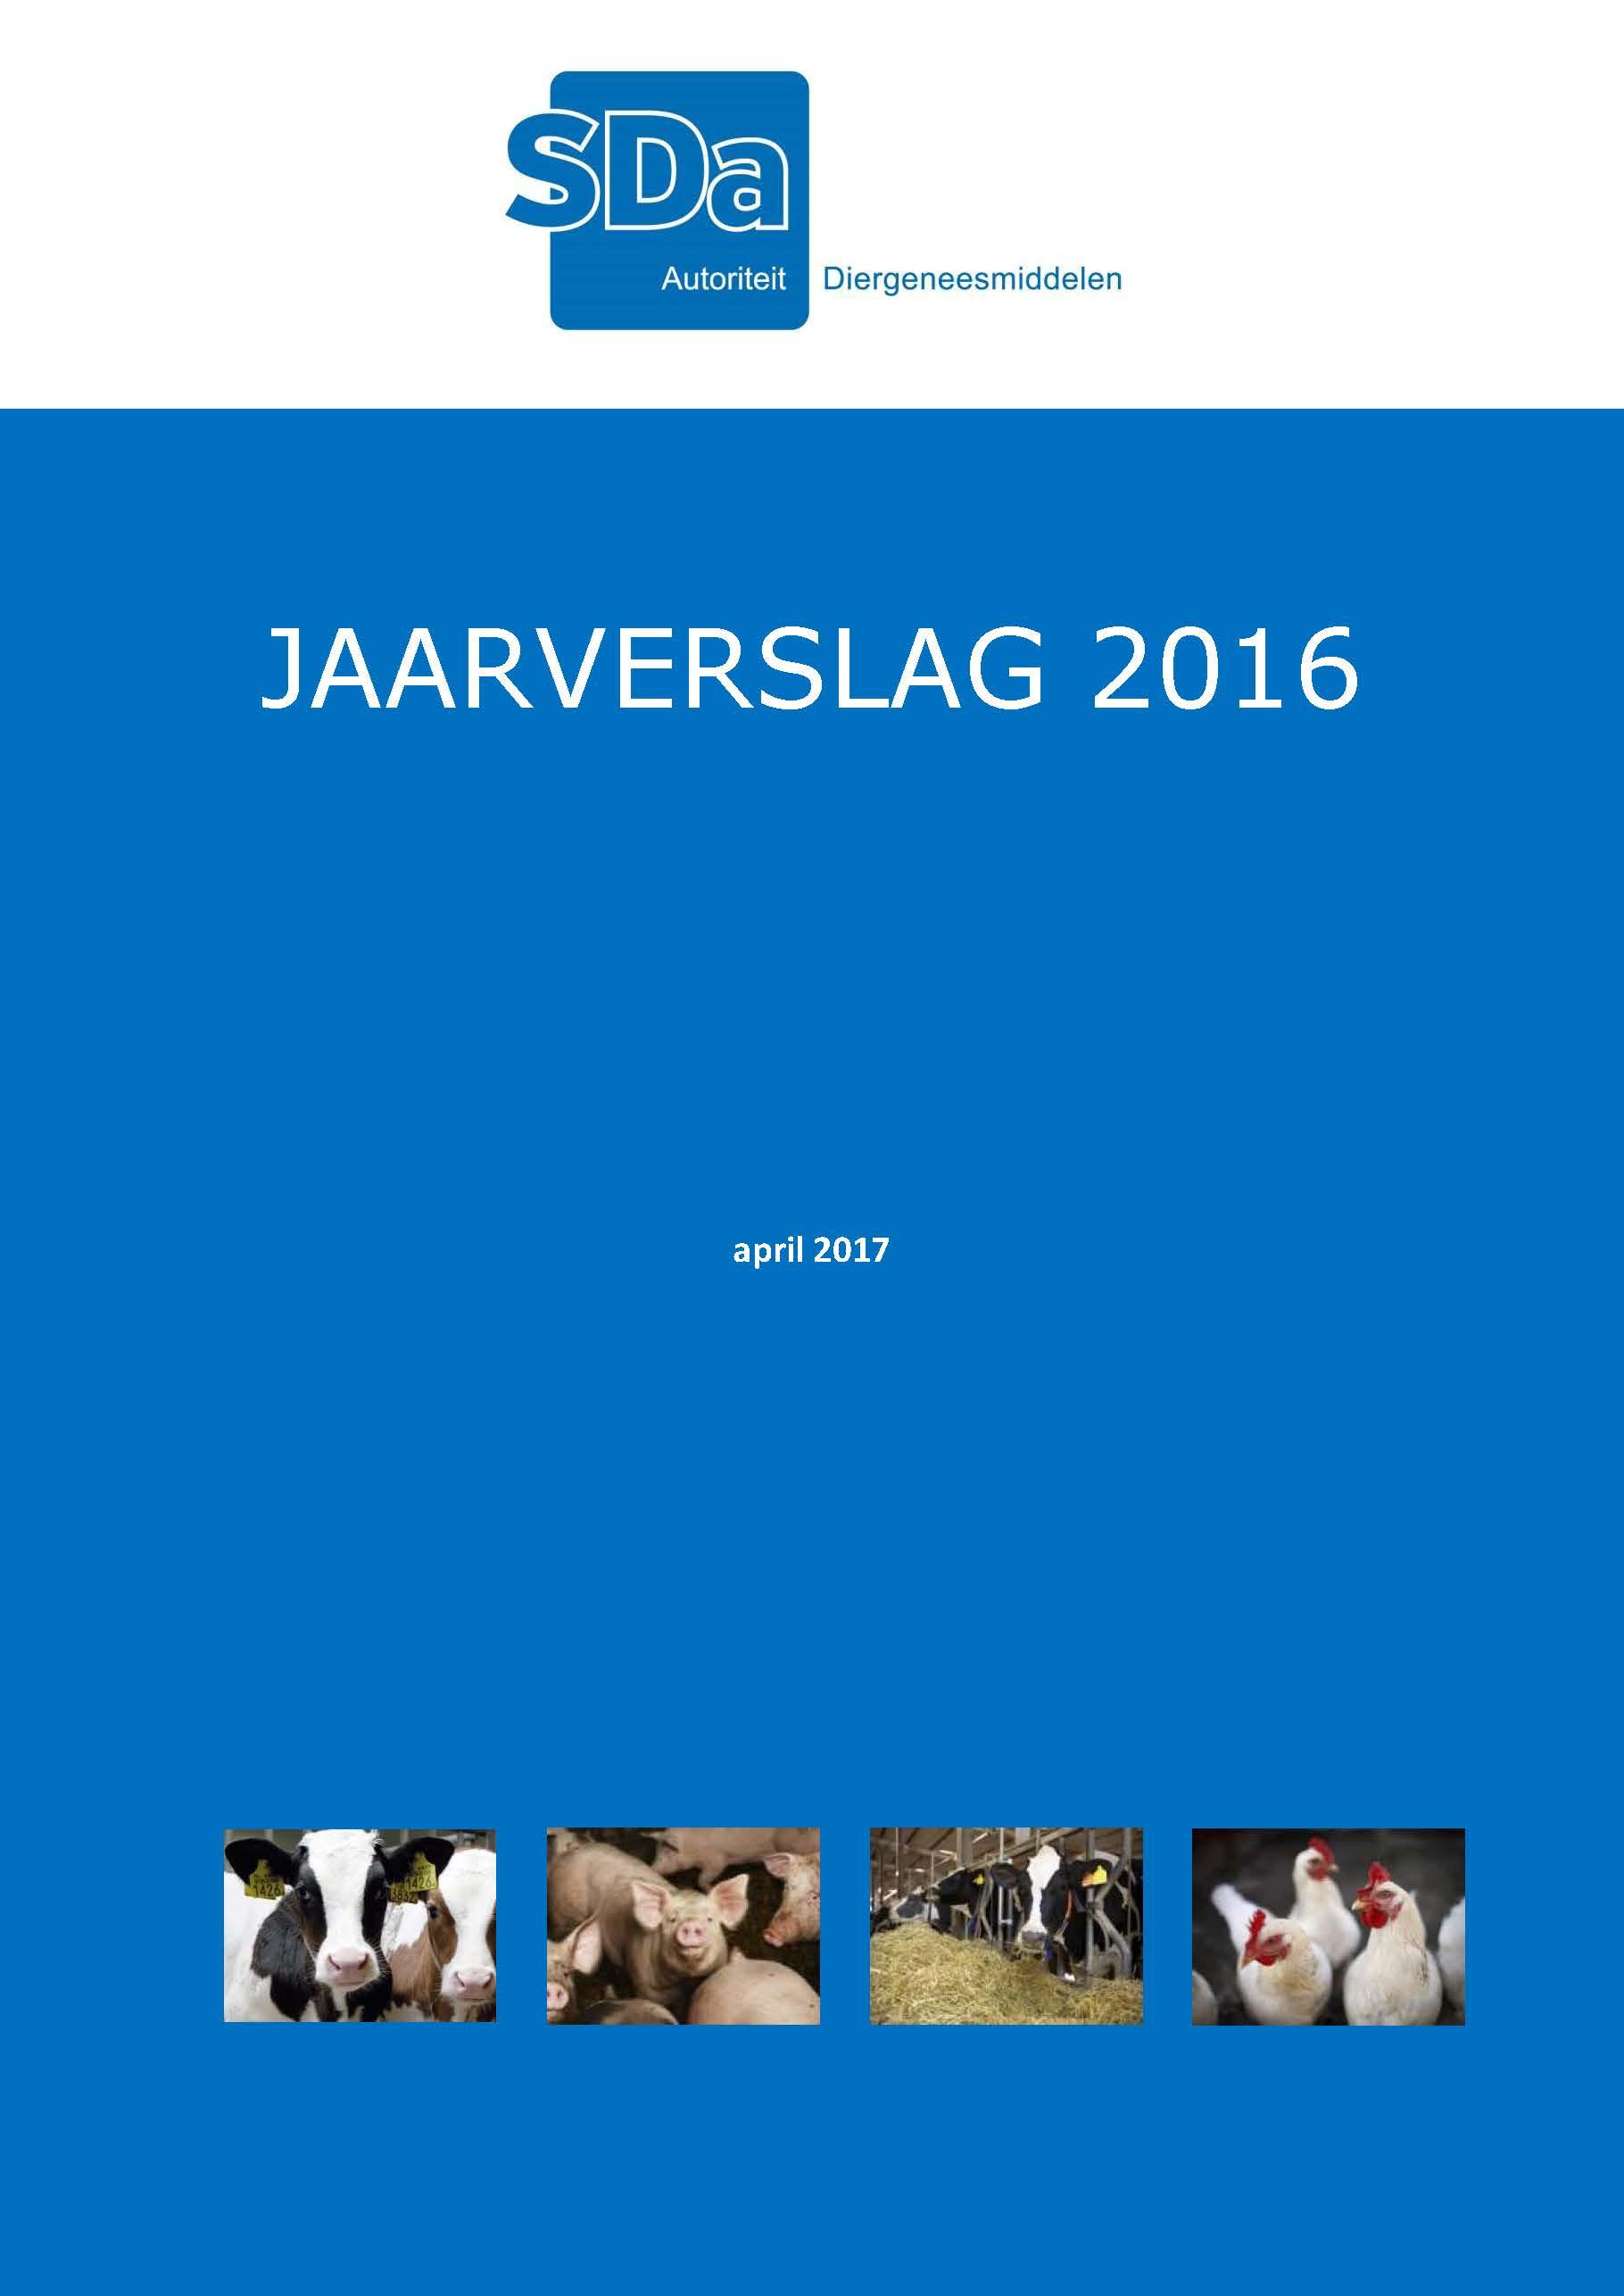 SDa Jaarverslag 2016